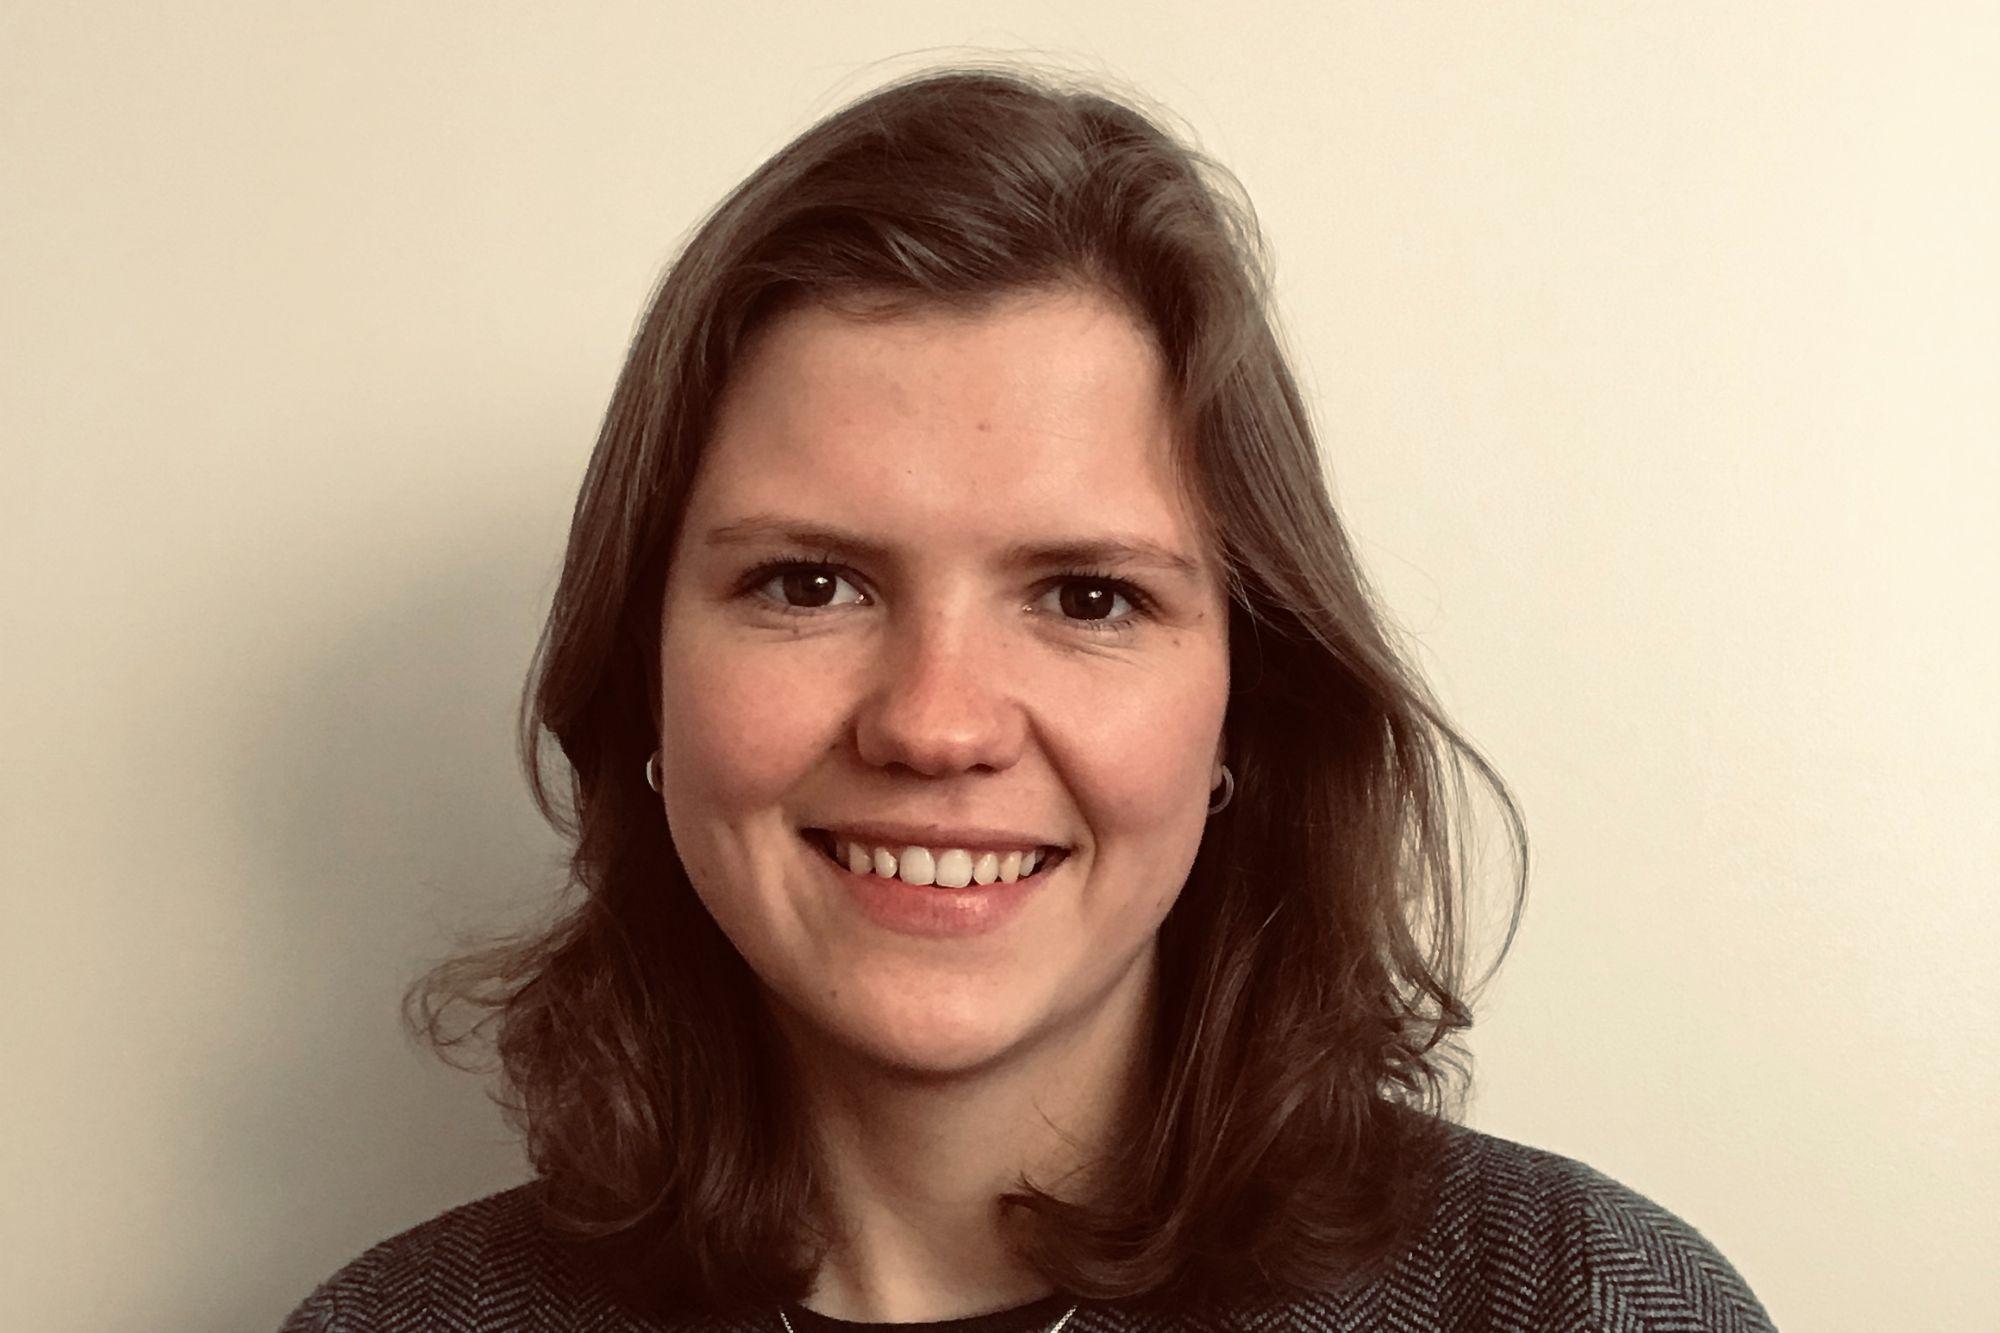 Sofie Jebsen